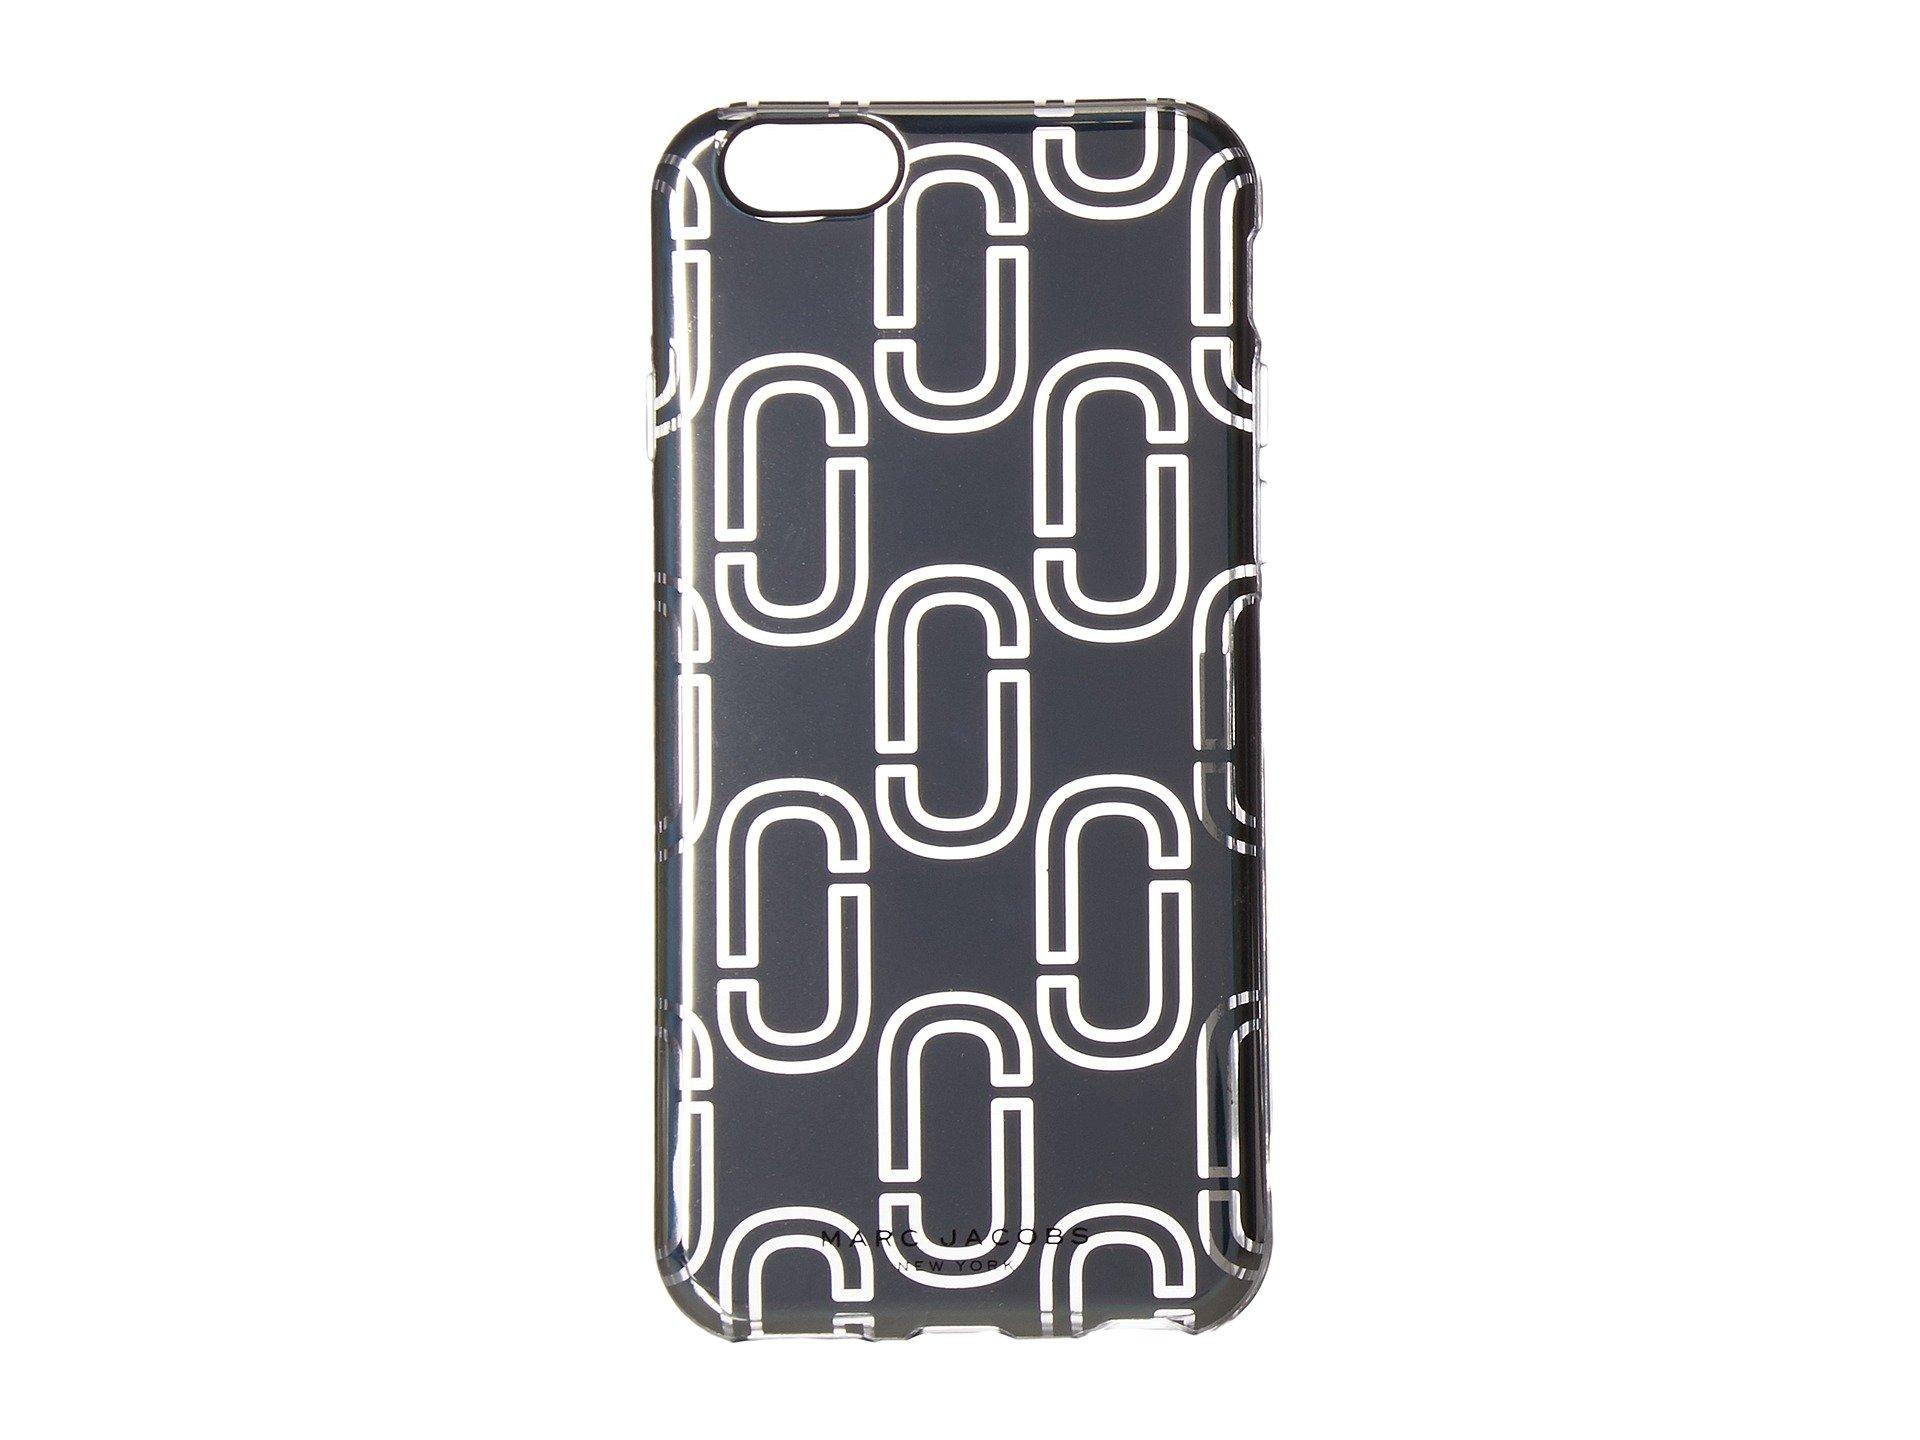 Accesorio para el Celular Marc Jacobs Double J iPhone 6S Case  + Marc Jacobs en VeoyCompro.net